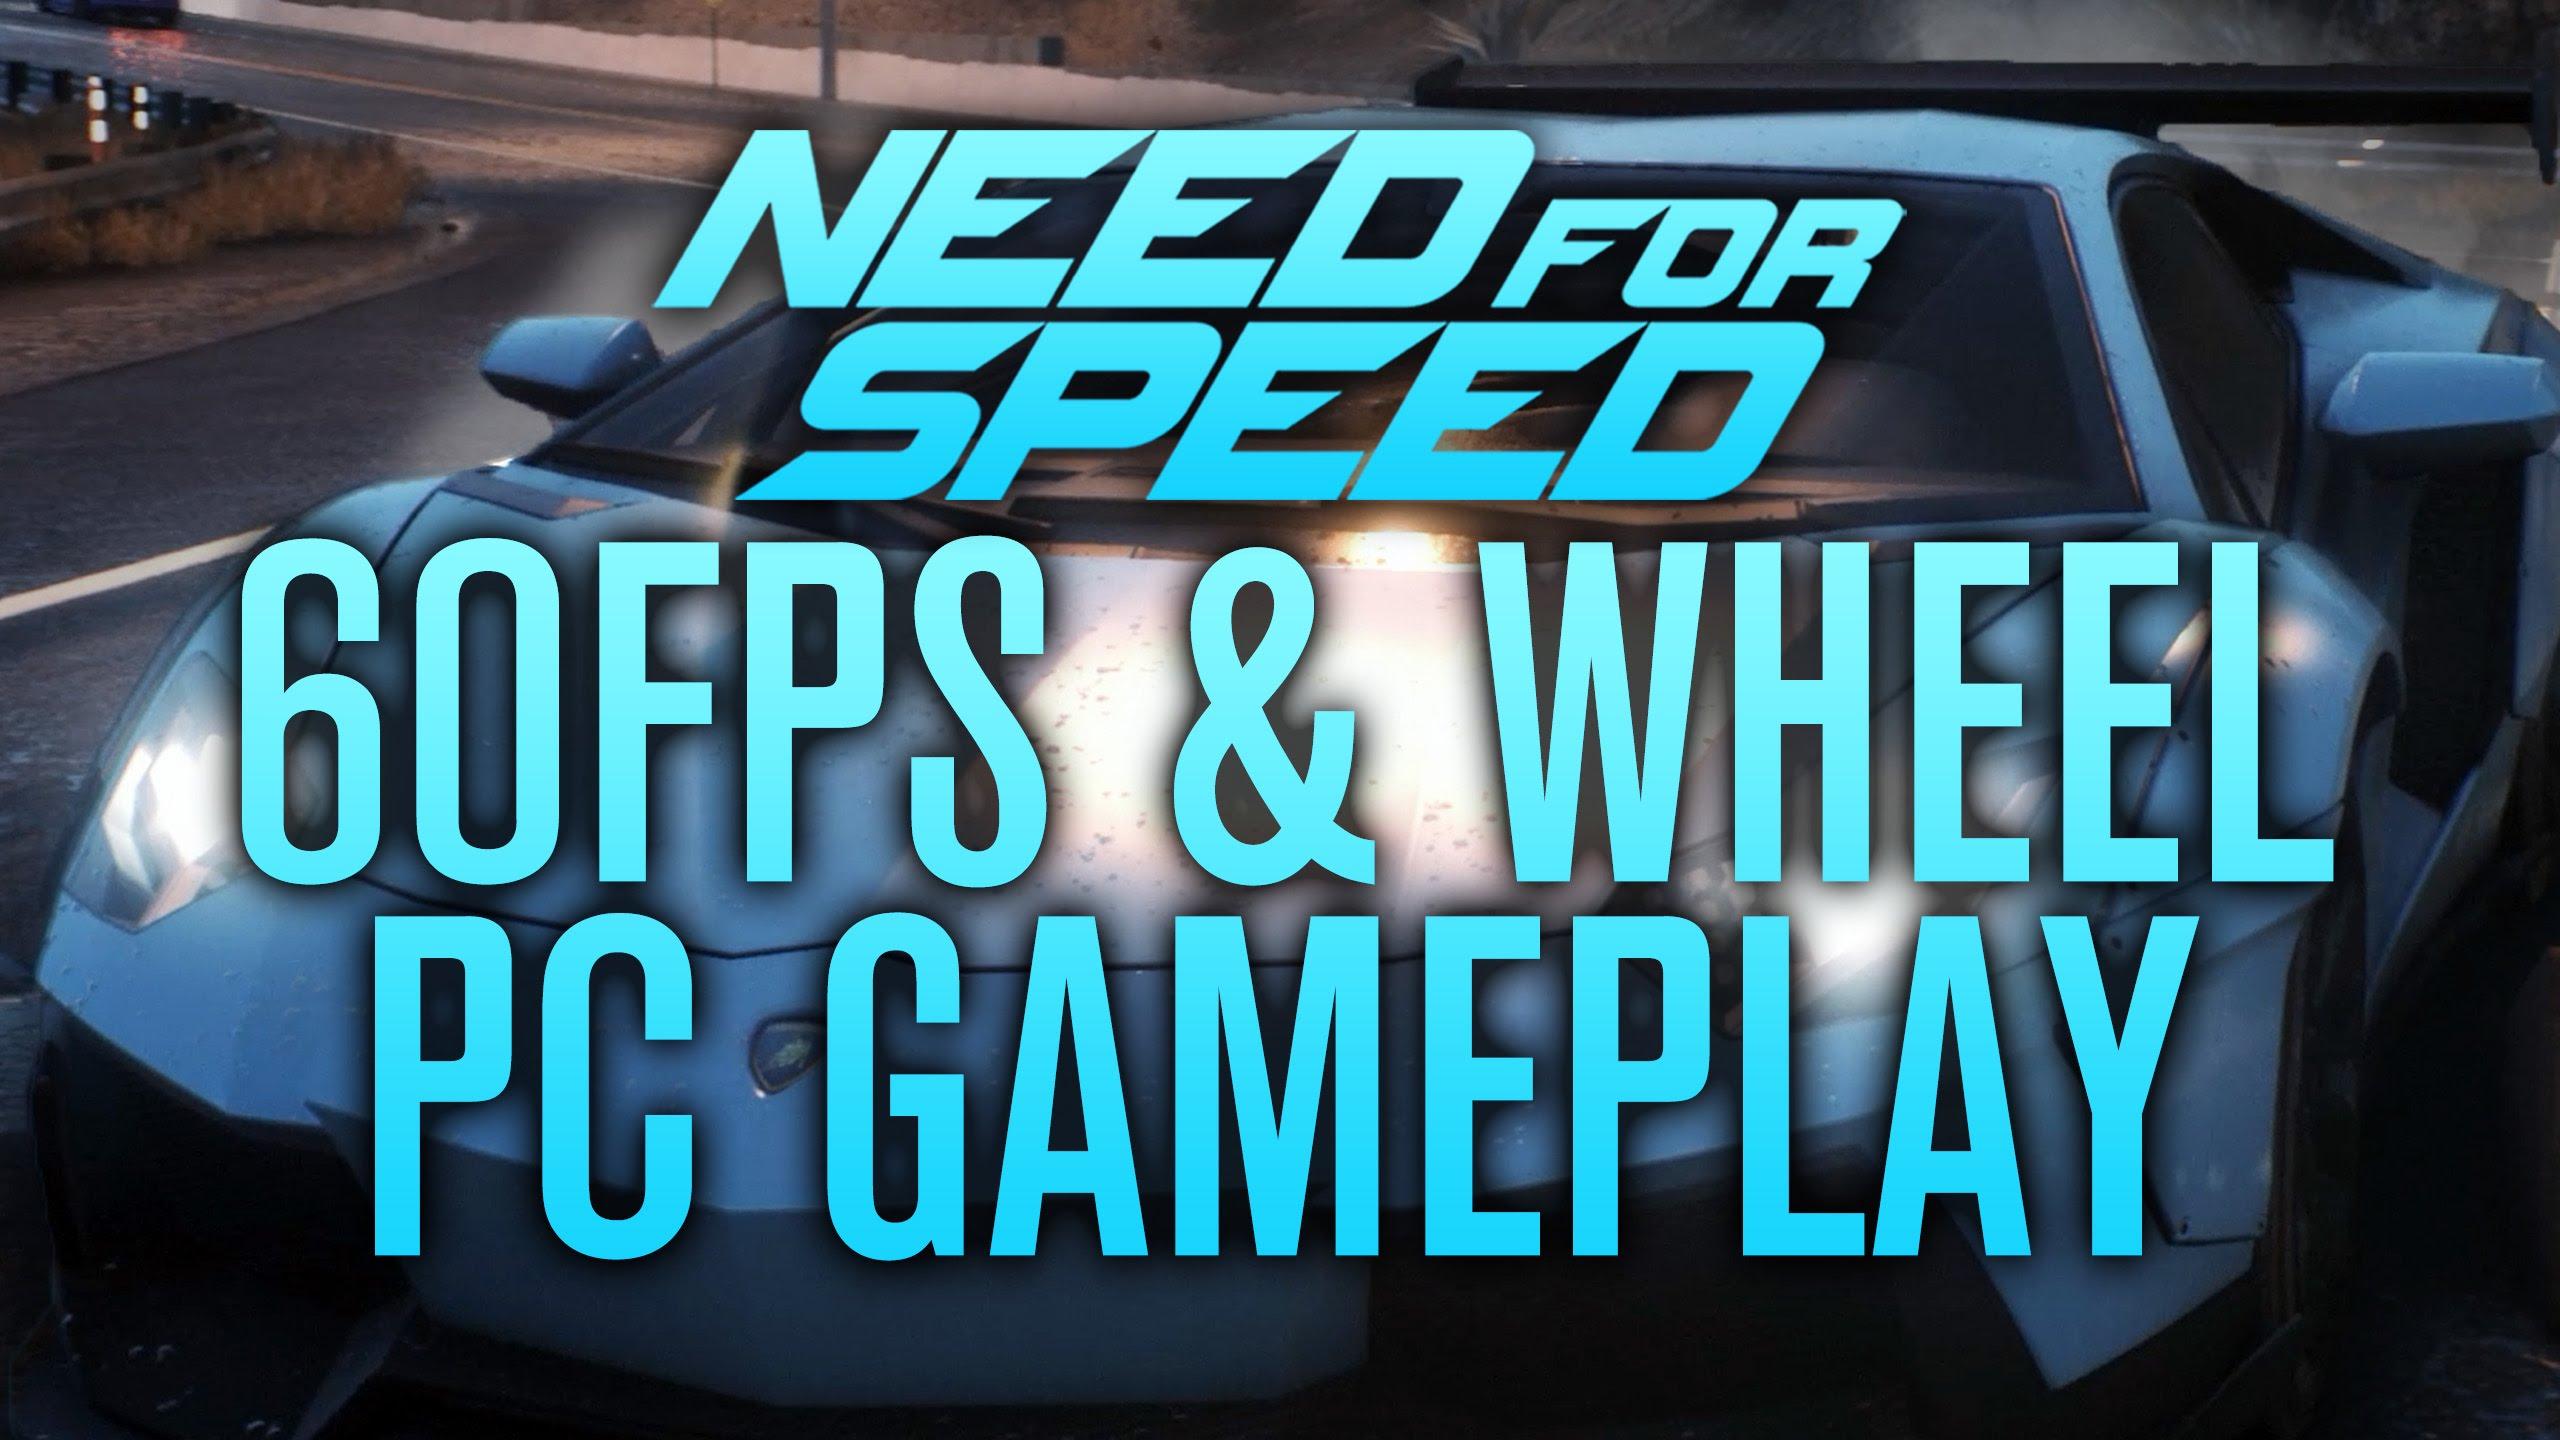 Iată primul video de gameplay din ediția PC a jocului Need for Speed